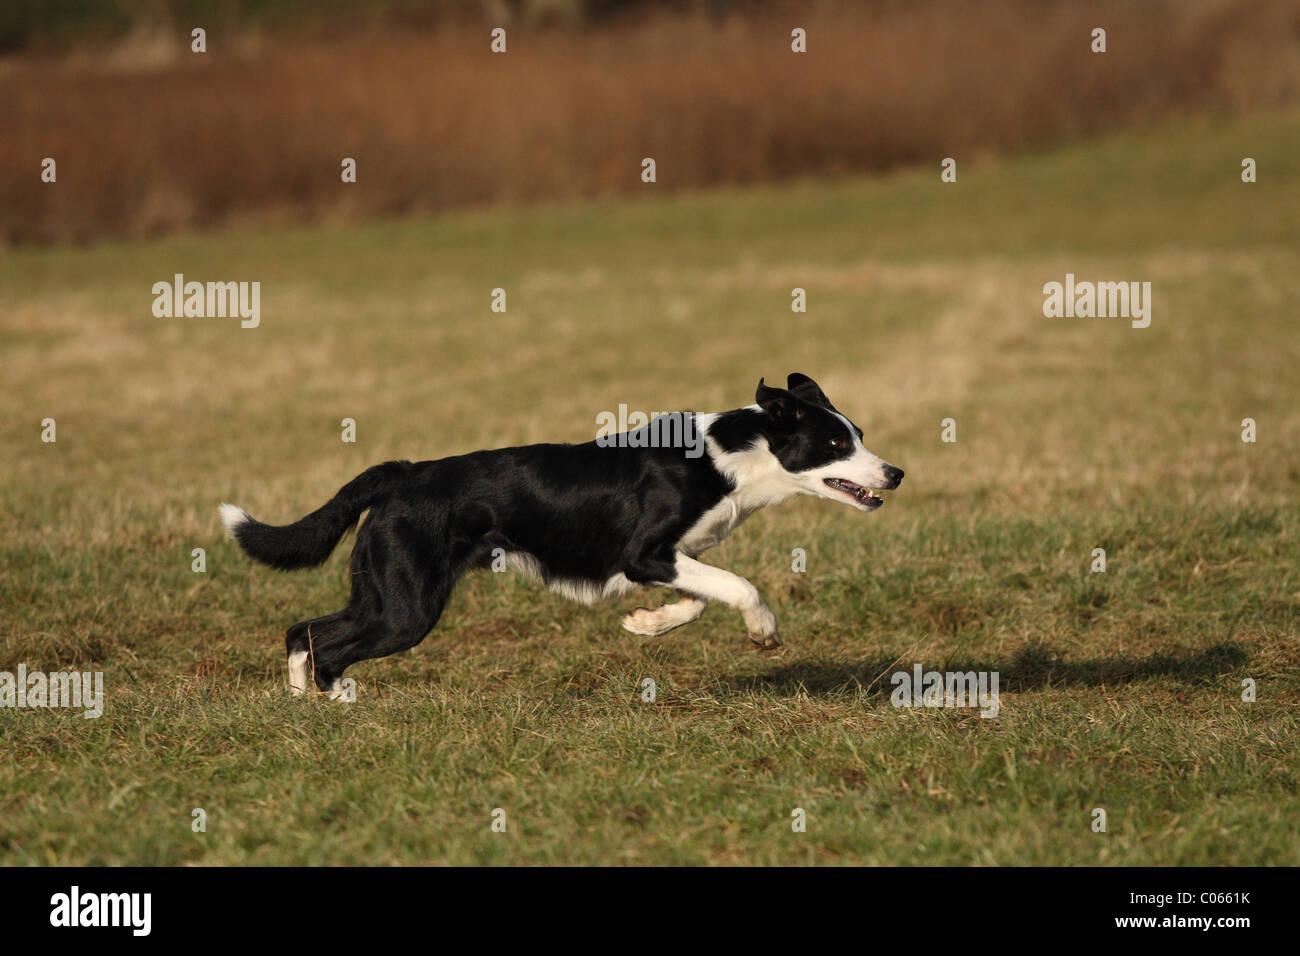 Male Black White Border Collie Imágenes De Stock & Male